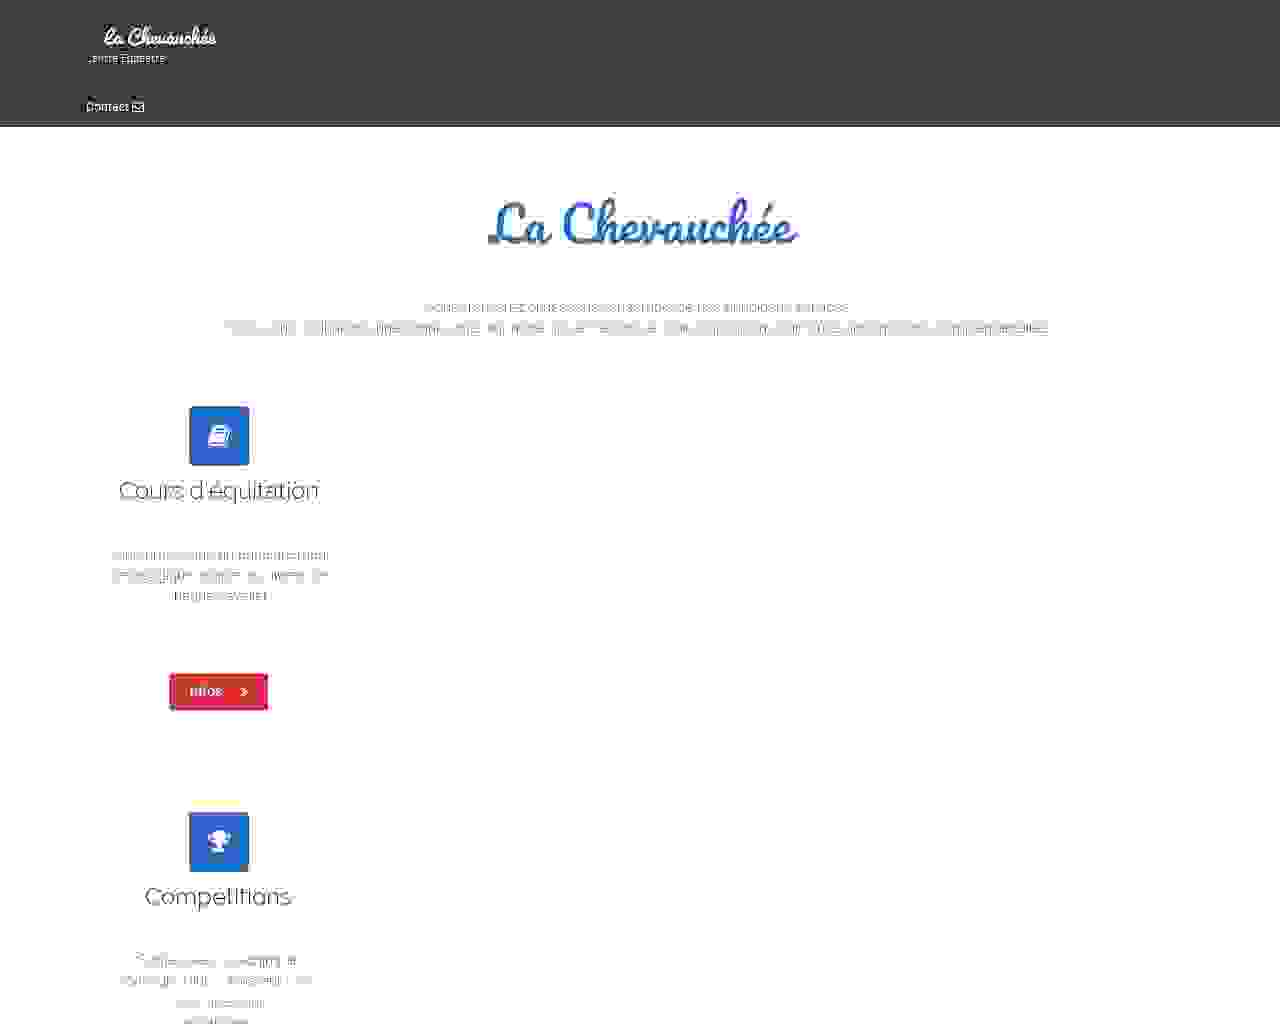 La Chevauchée